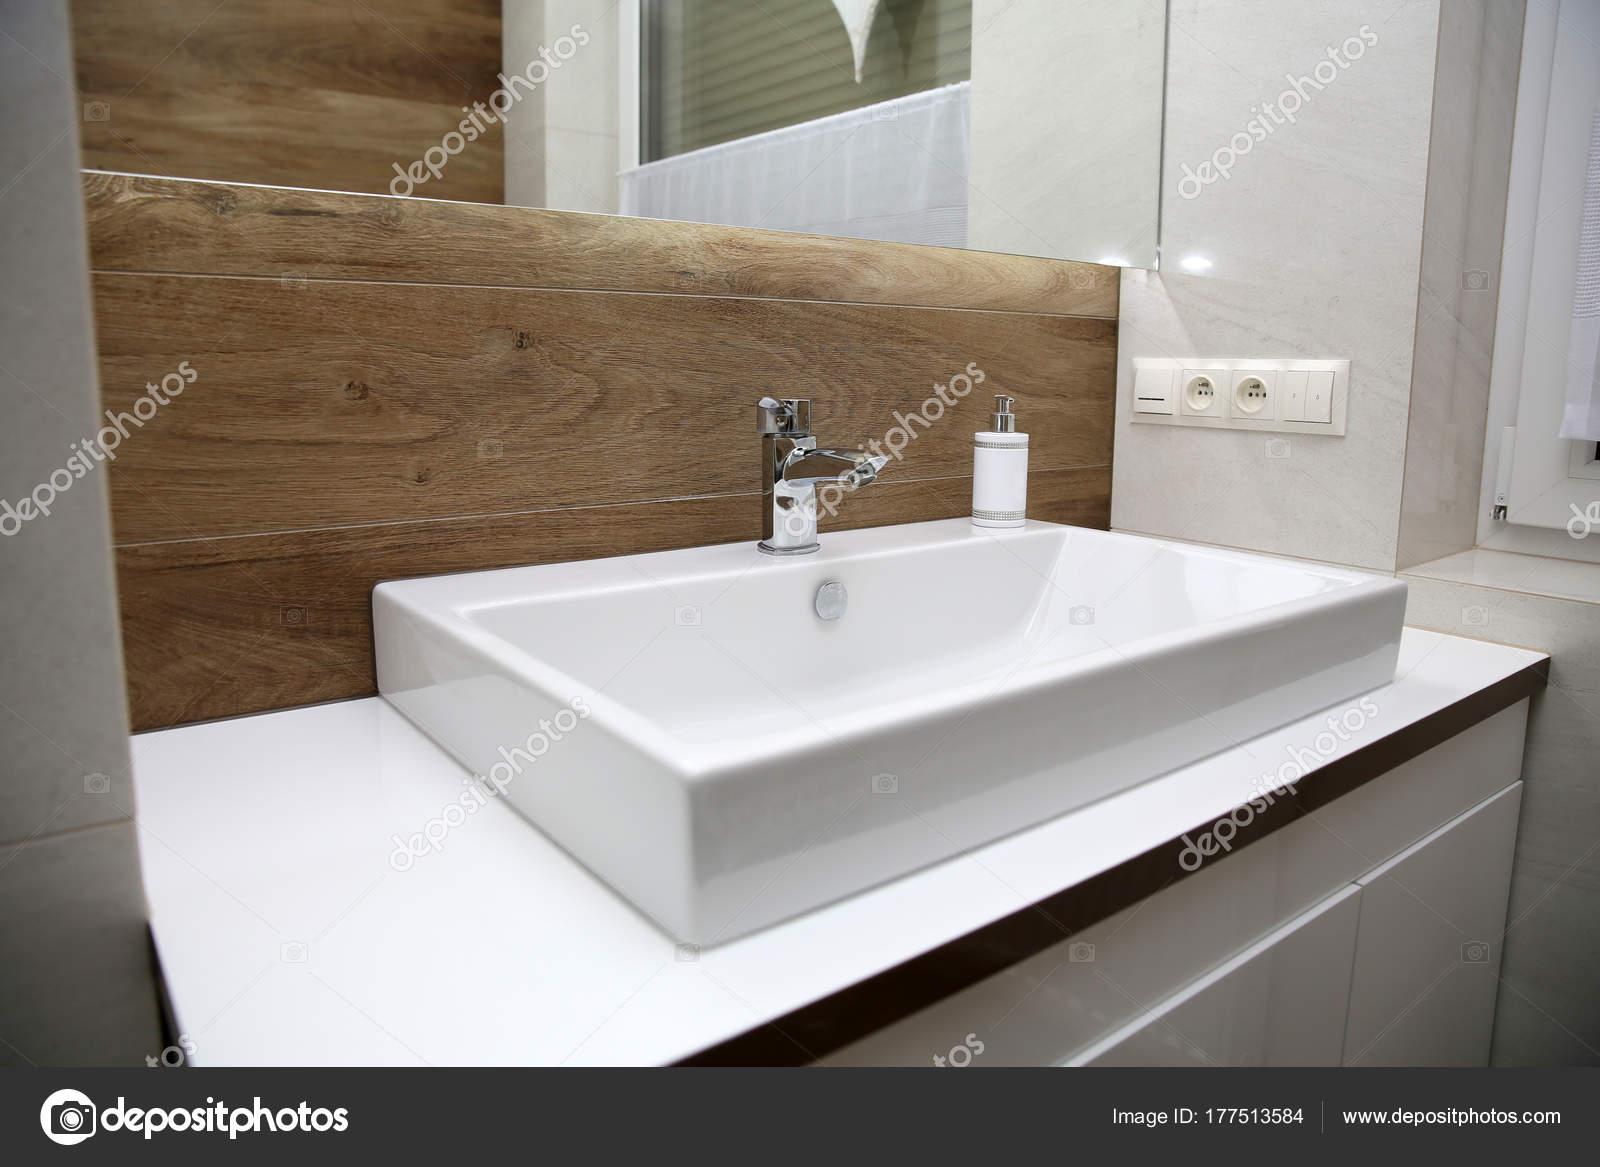 Een Gezellige Badkamer : Een kleine gezellige badkamer u stockfoto krzysztofwinnik